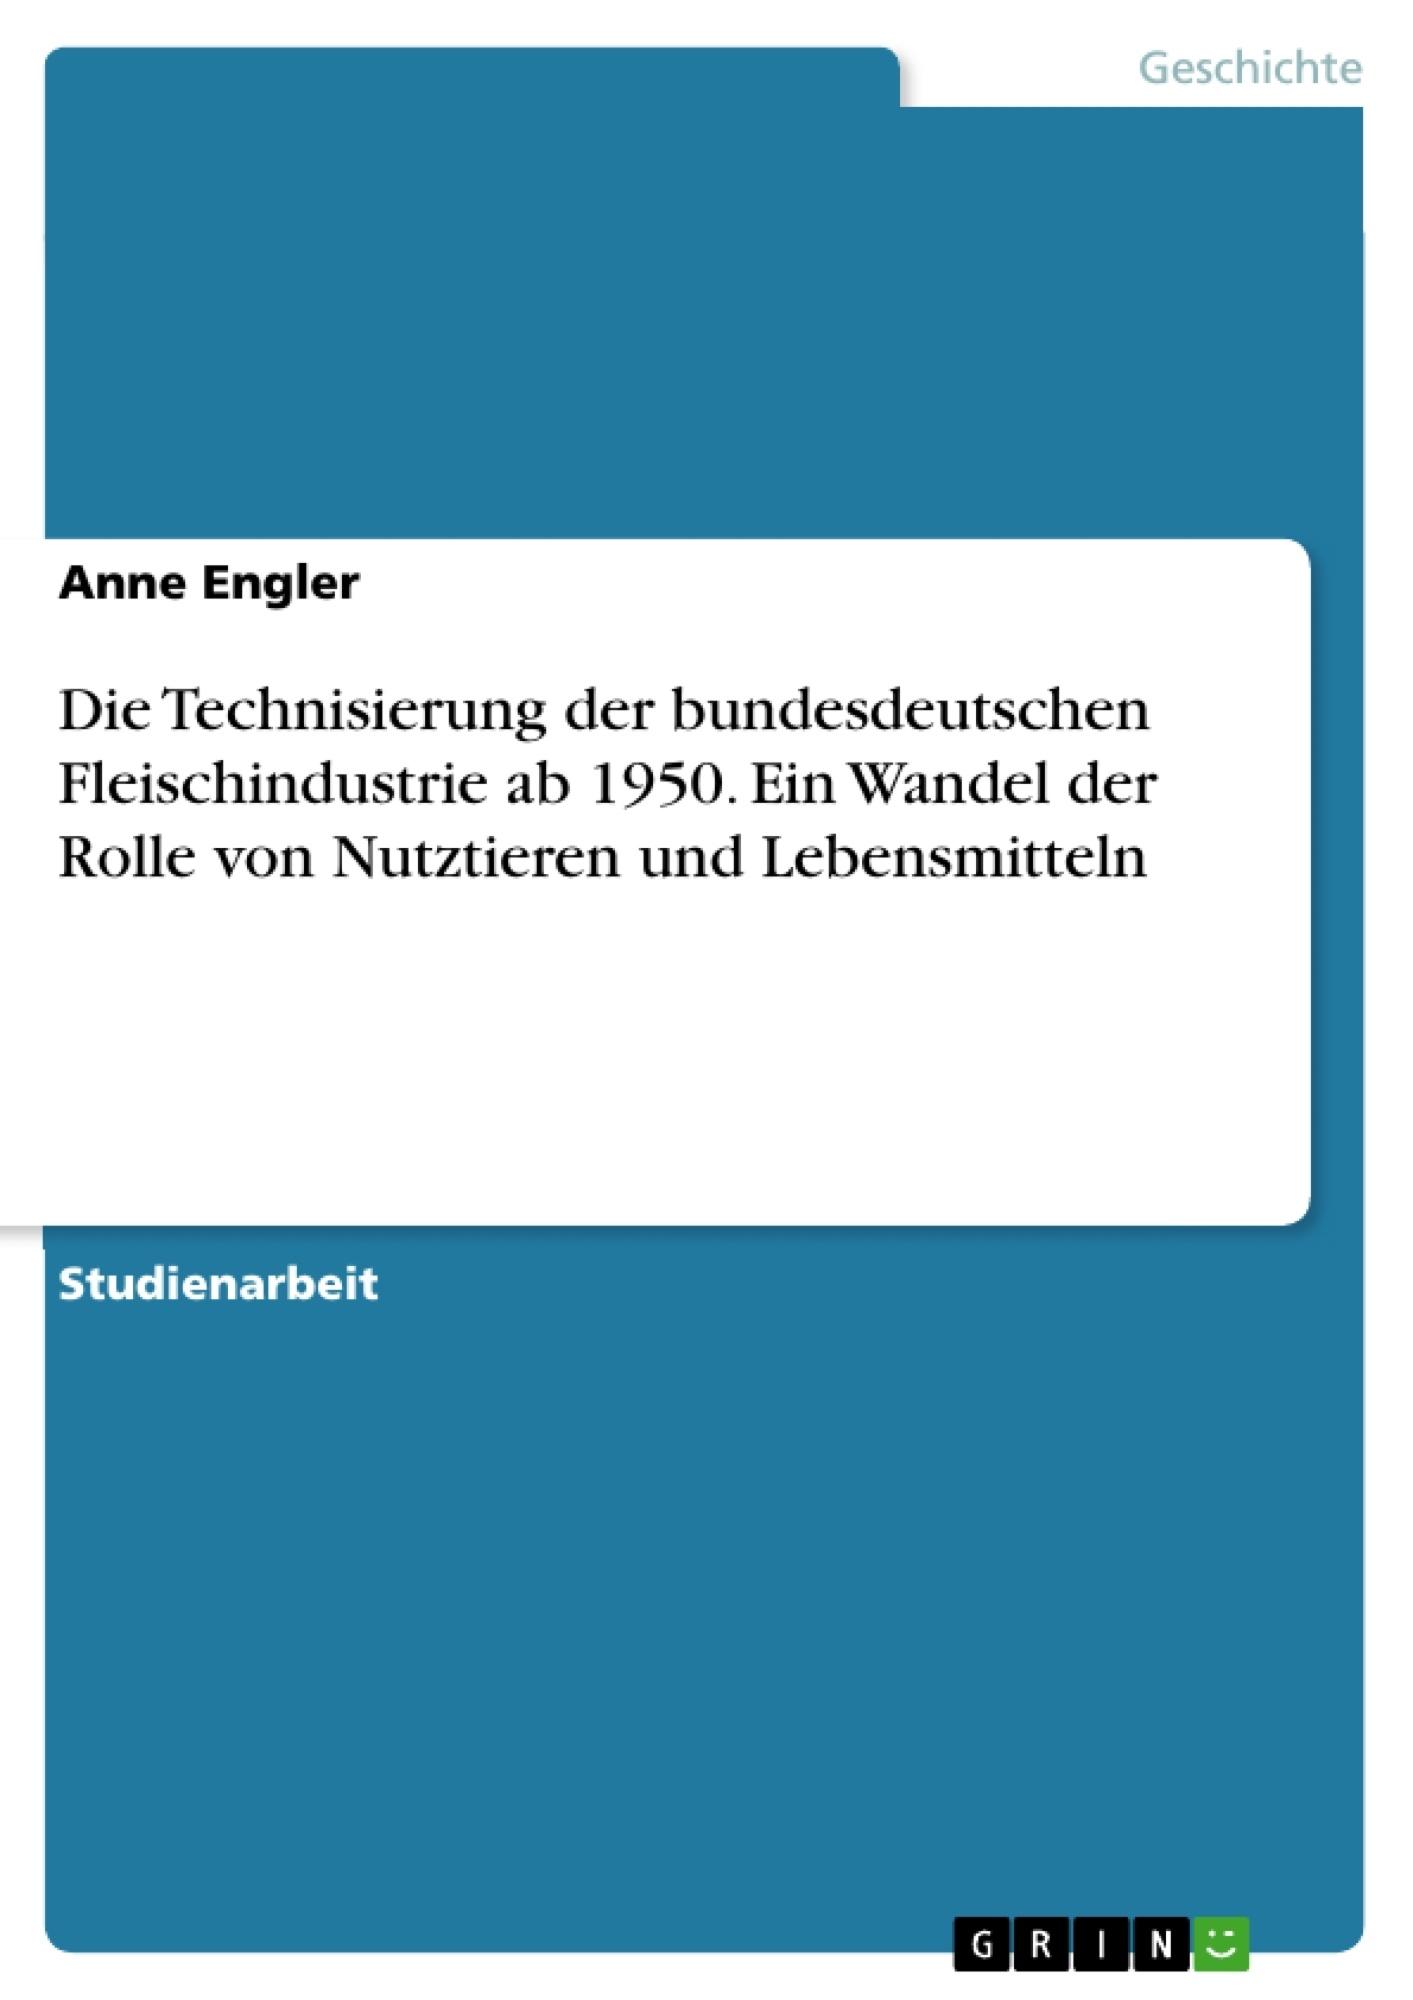 Titel: Die Technisierung der bundesdeutschen Fleischindustrie ab 1950. Ein Wandel der Rolle von Nutztieren und Lebensmitteln